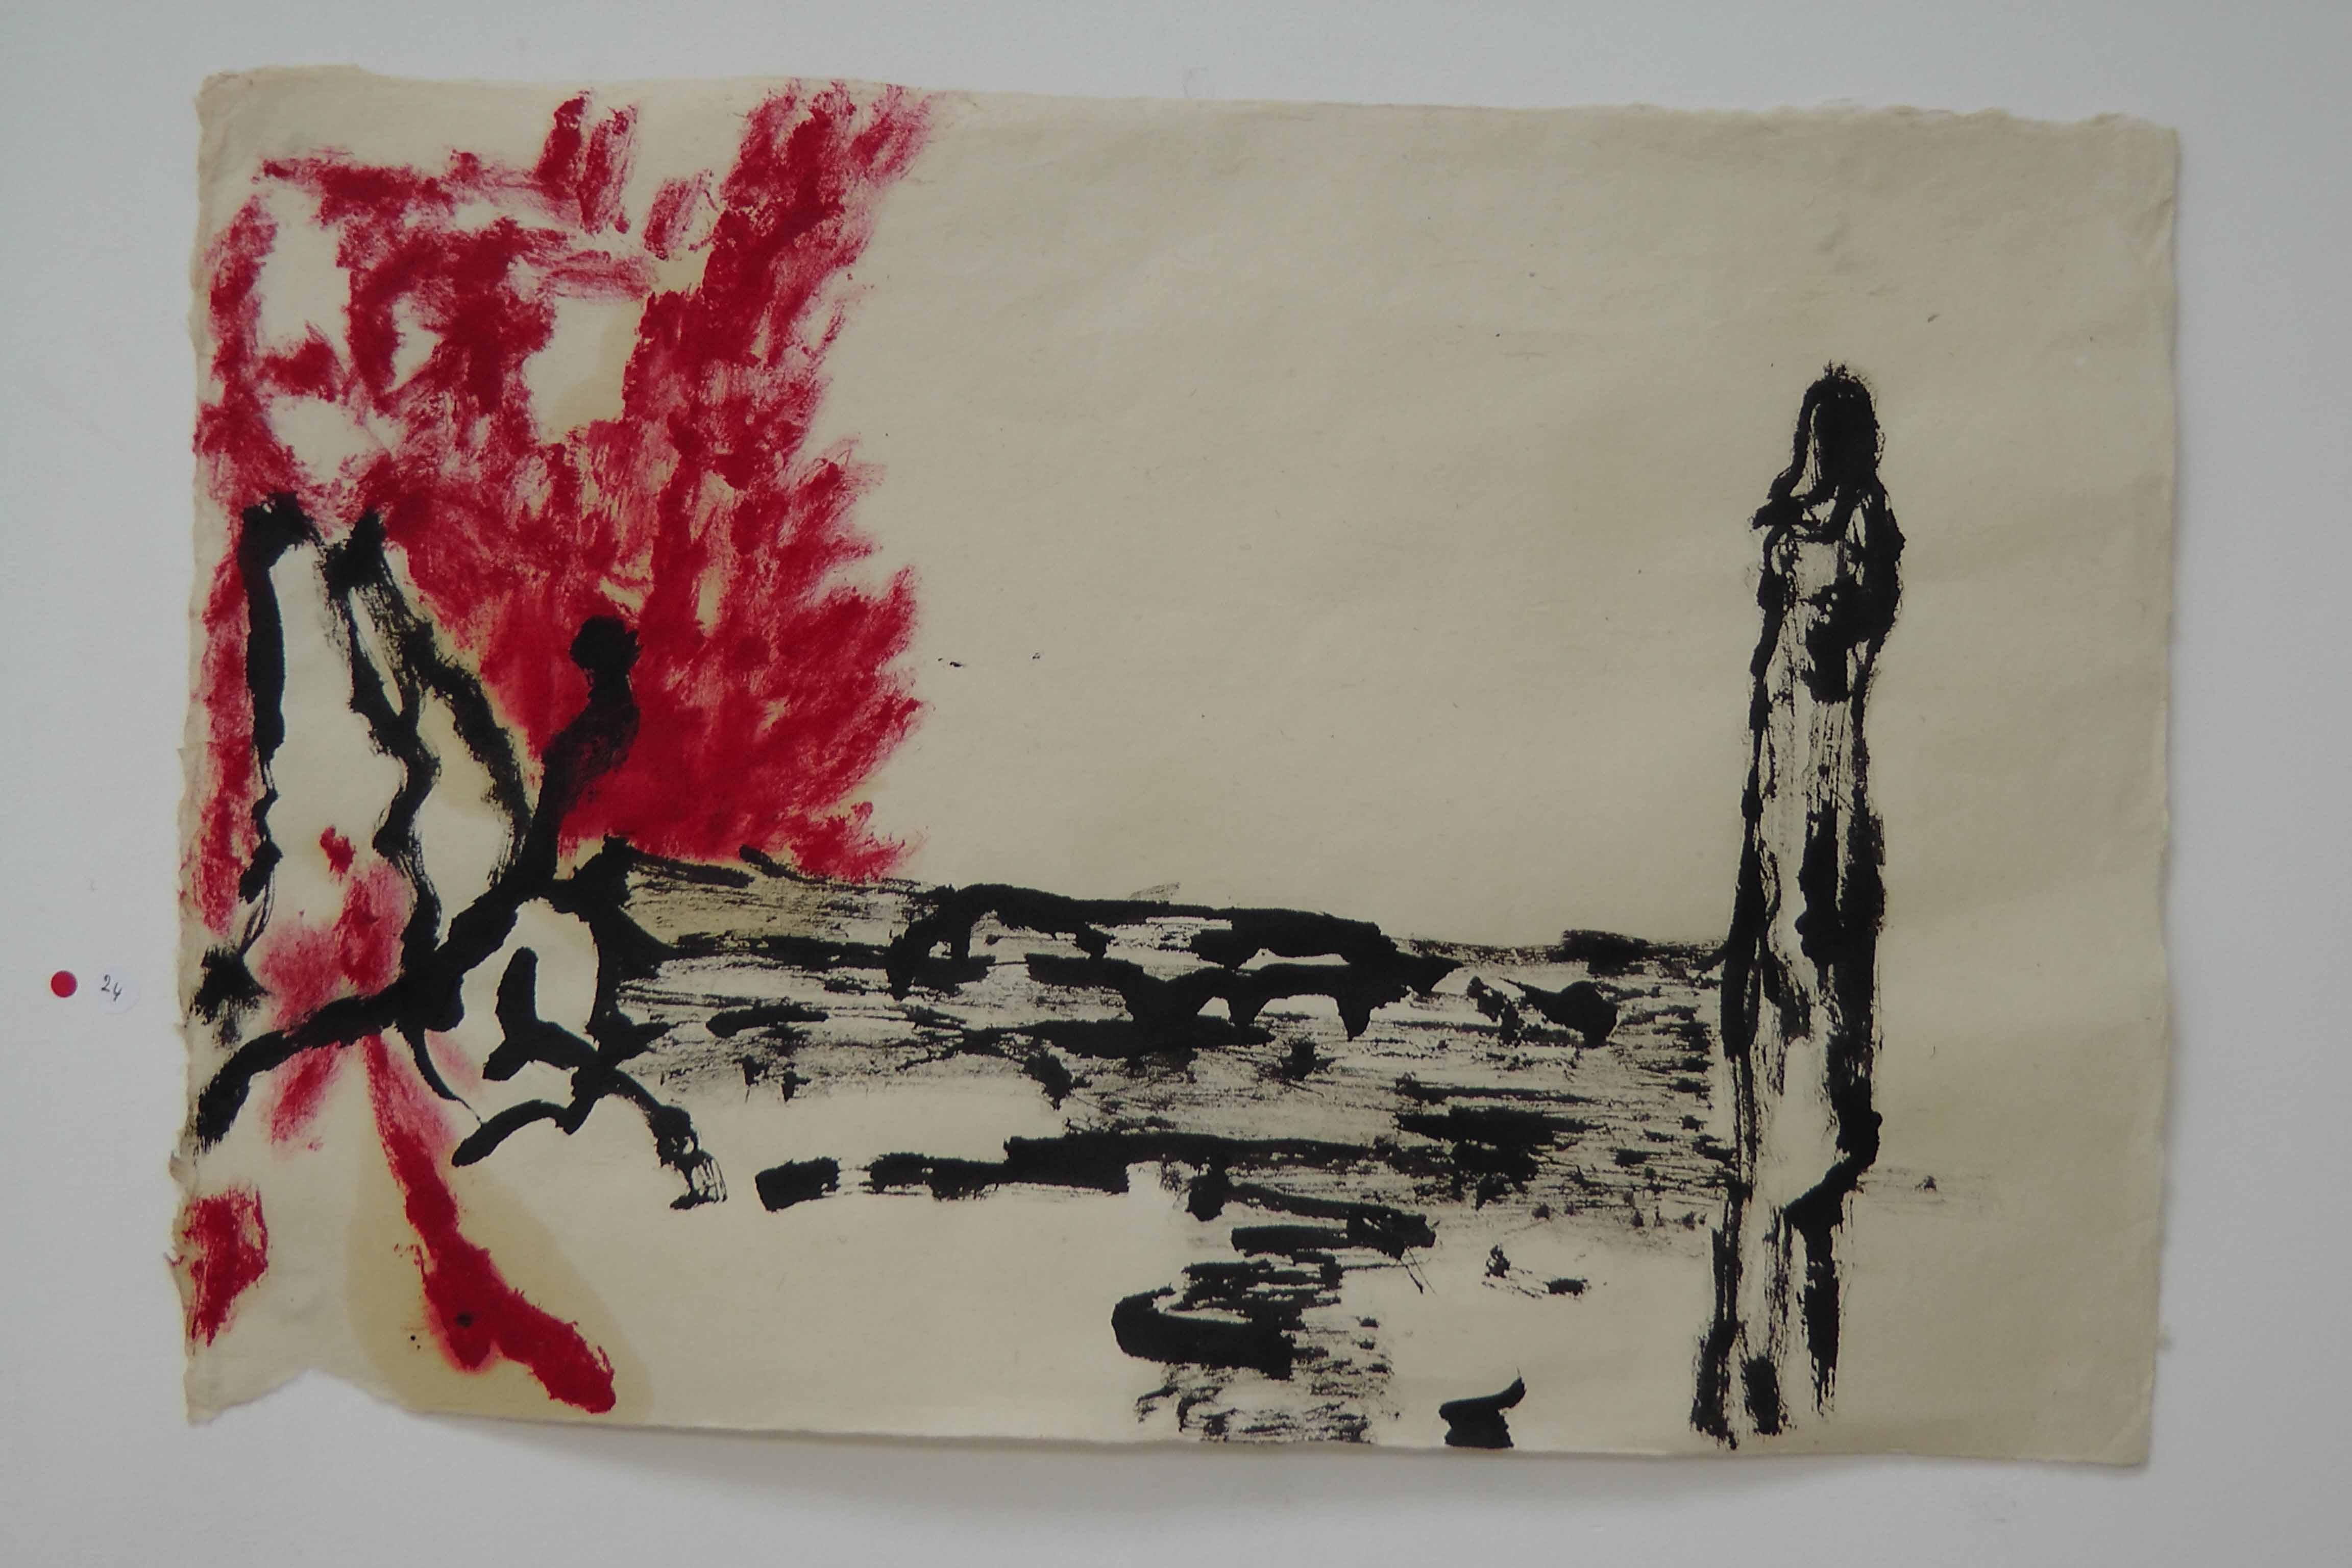 Rachel Silski, Le grand sacrifice, série Soleil Trompeur, Parcours d'artistes 2016, vagabondssanstreves.com